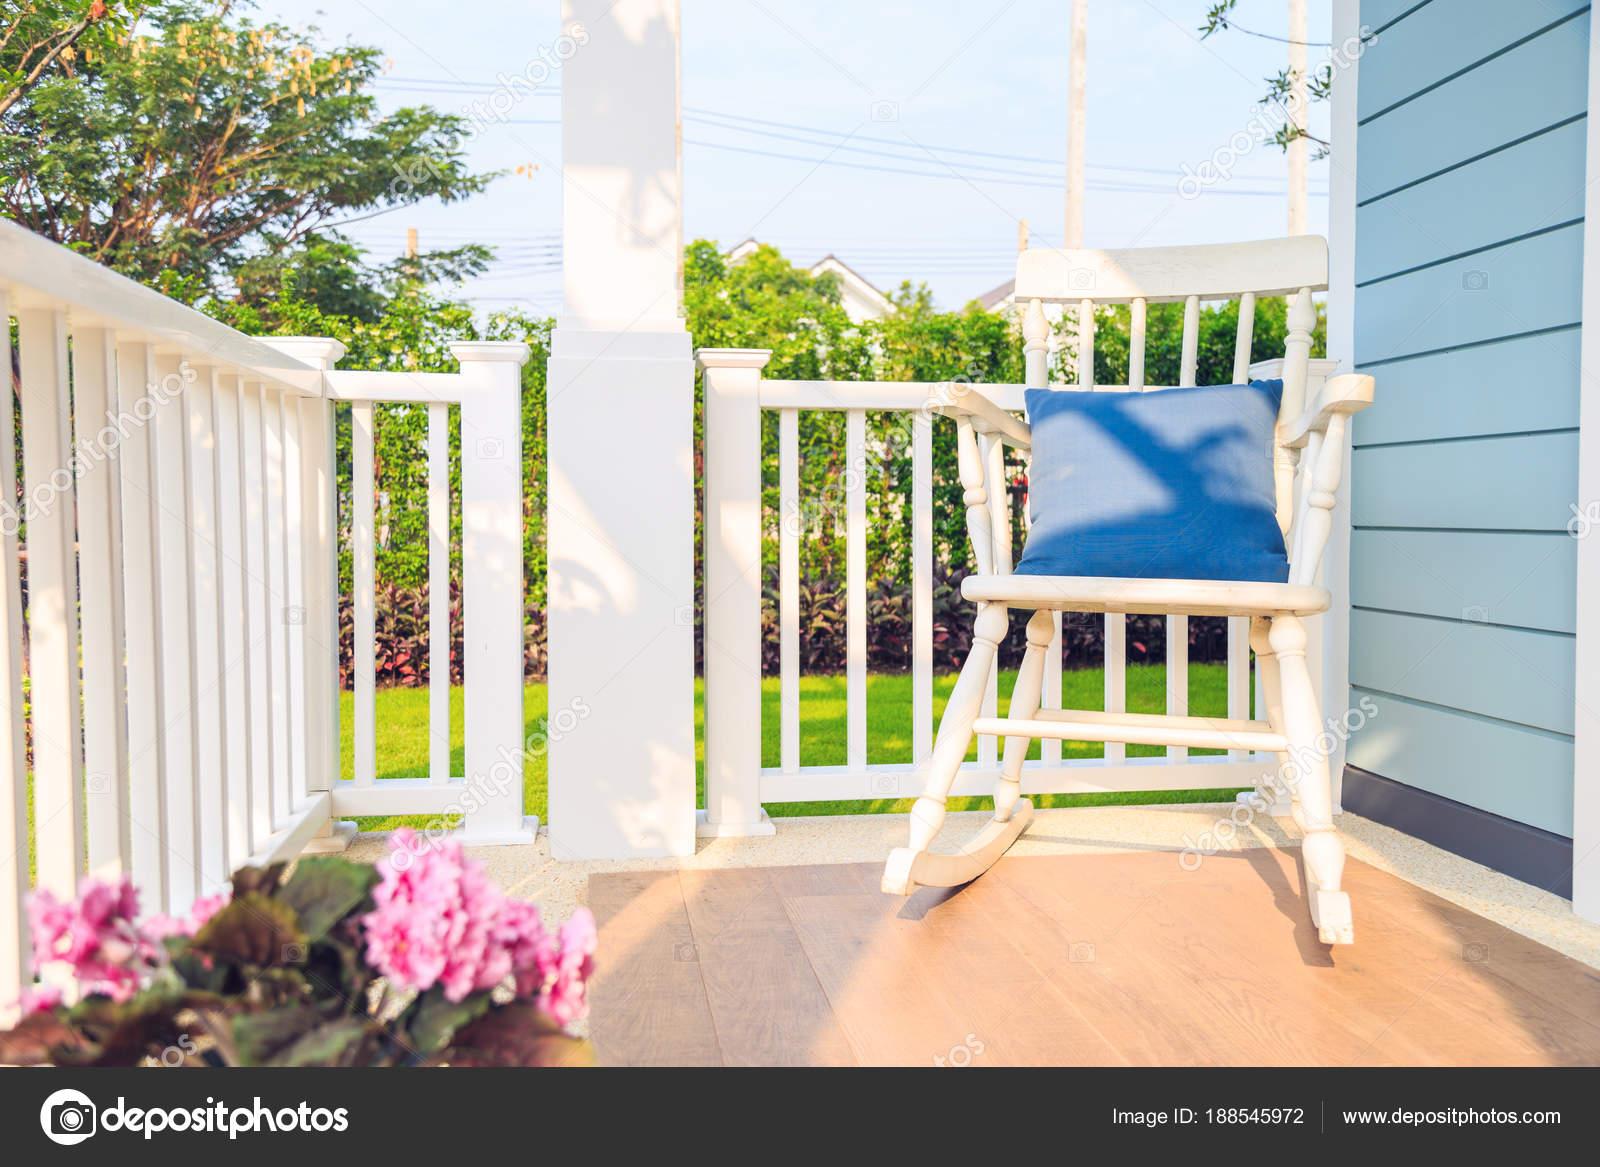 Schommelstoel Op Balkon : Een houten witte schommelstoel in balkon met natuur achtergrond